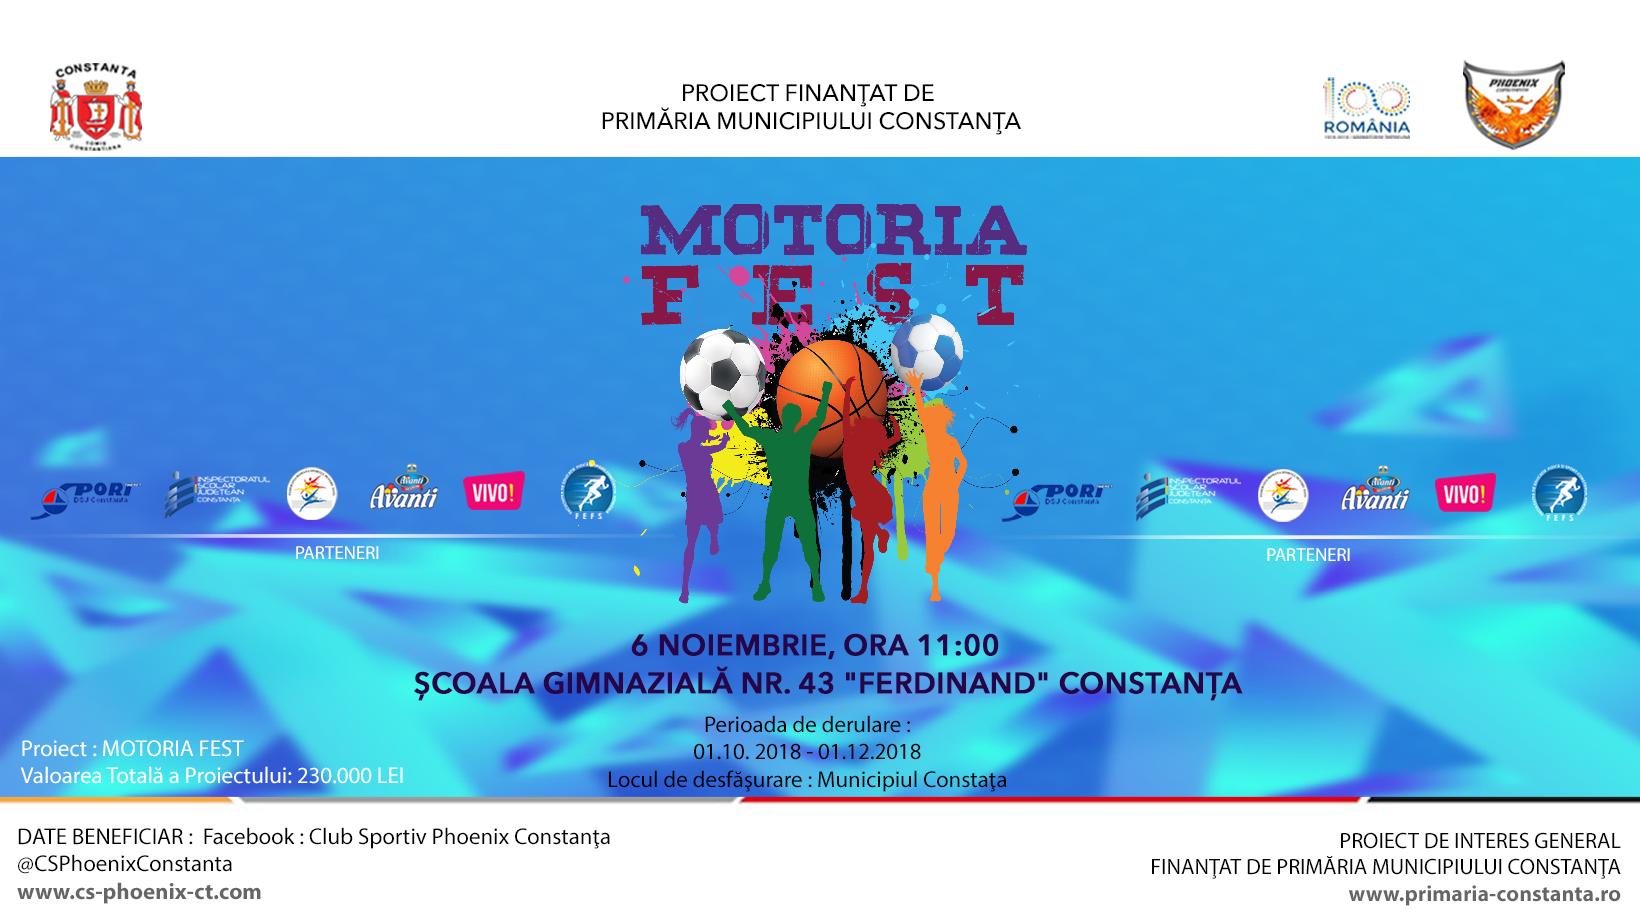 afis-motoria-fest-06-11-2018